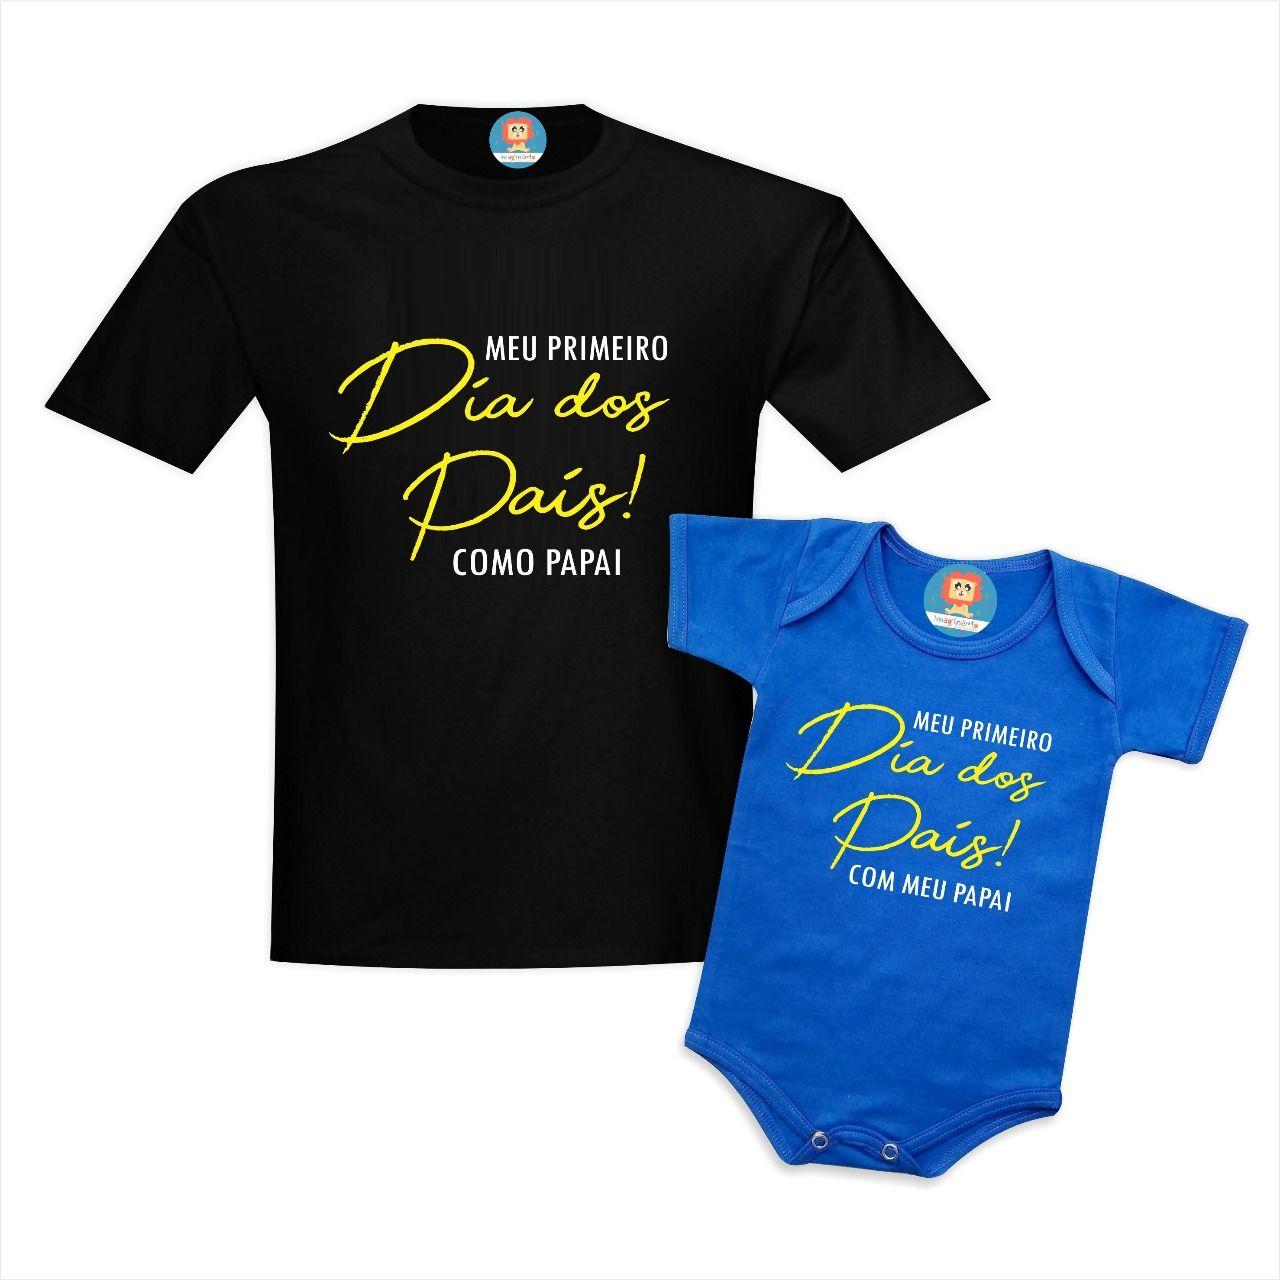 Camisetas Pai e Filho Primeiro Dia dos Pais